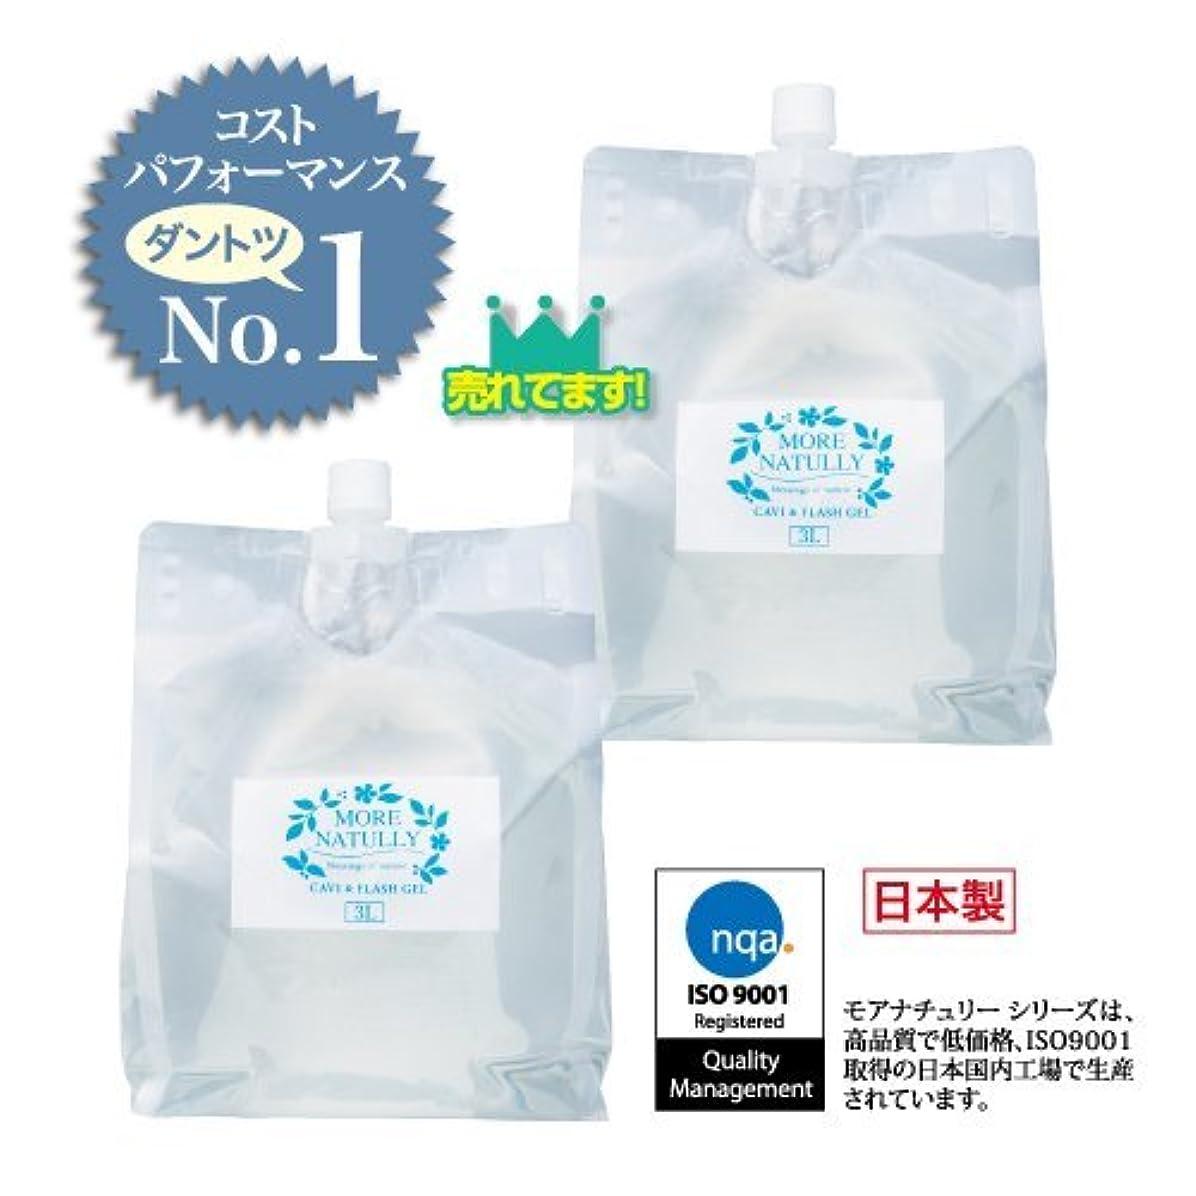 華氏レイア祭りモアナチュリー キャビ&フラッシュジェル 【ソフト】3kg×2袋